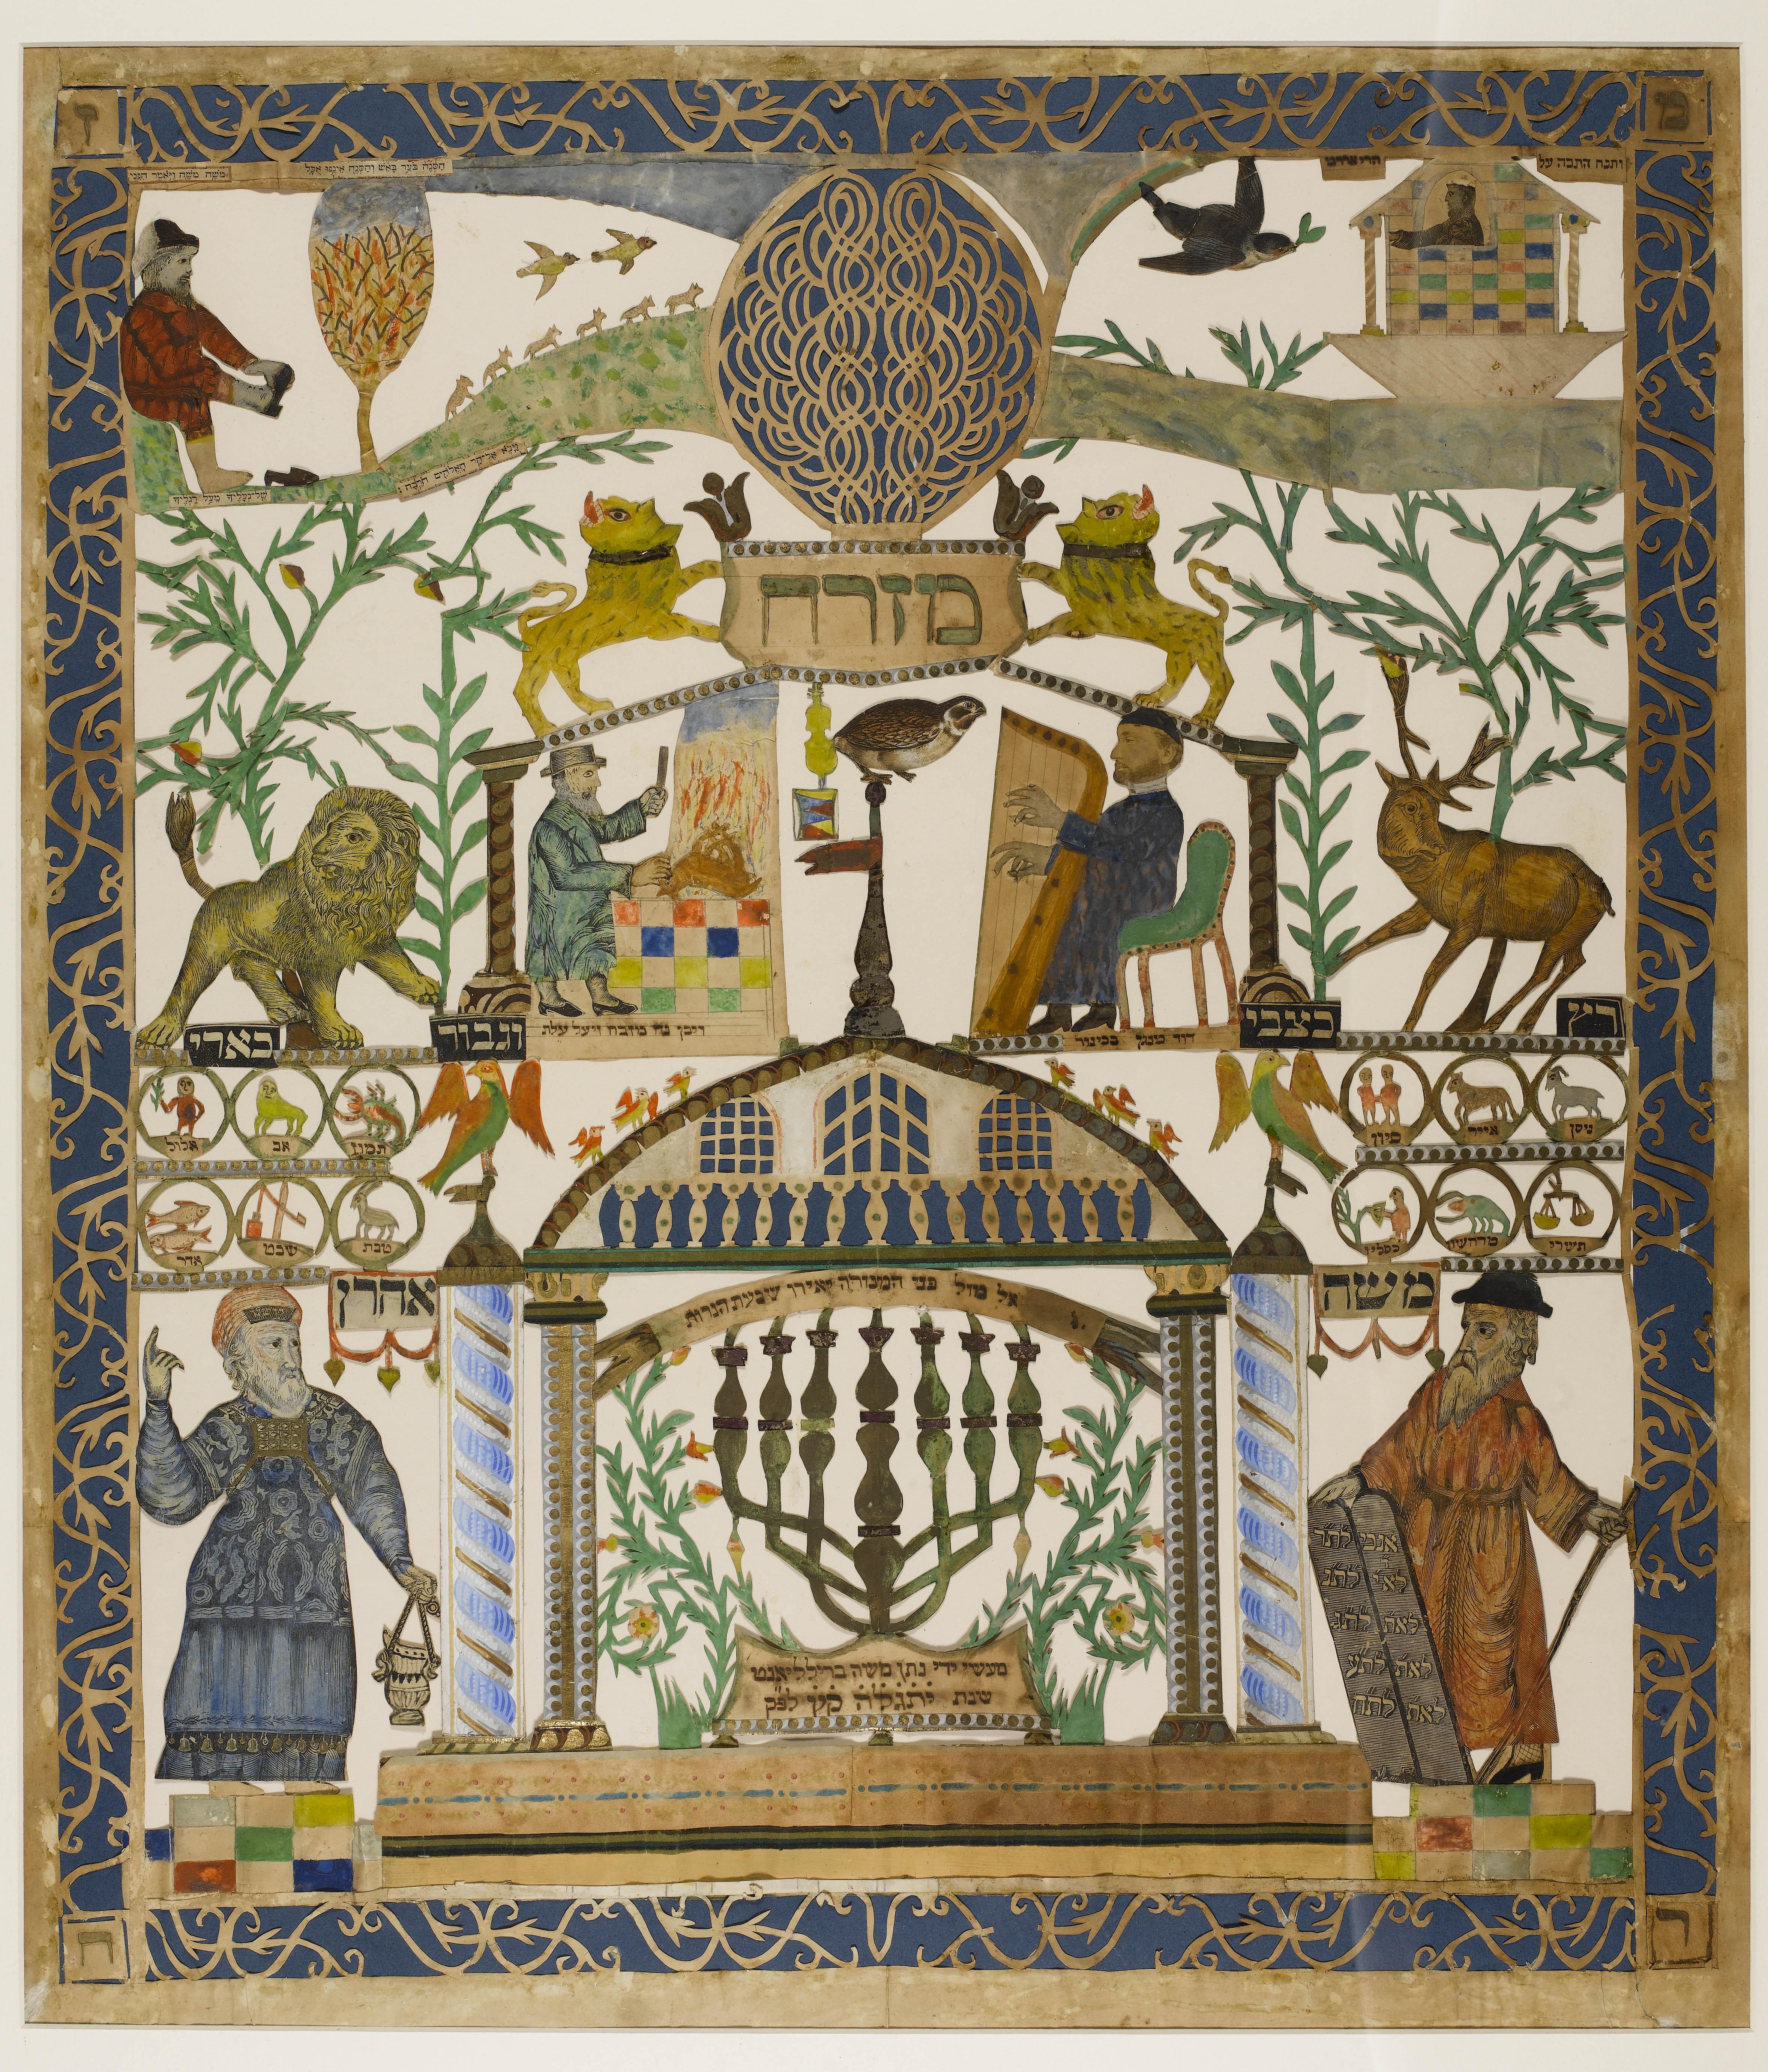 Moïse et le judaïsme: sources antiques et diffusion